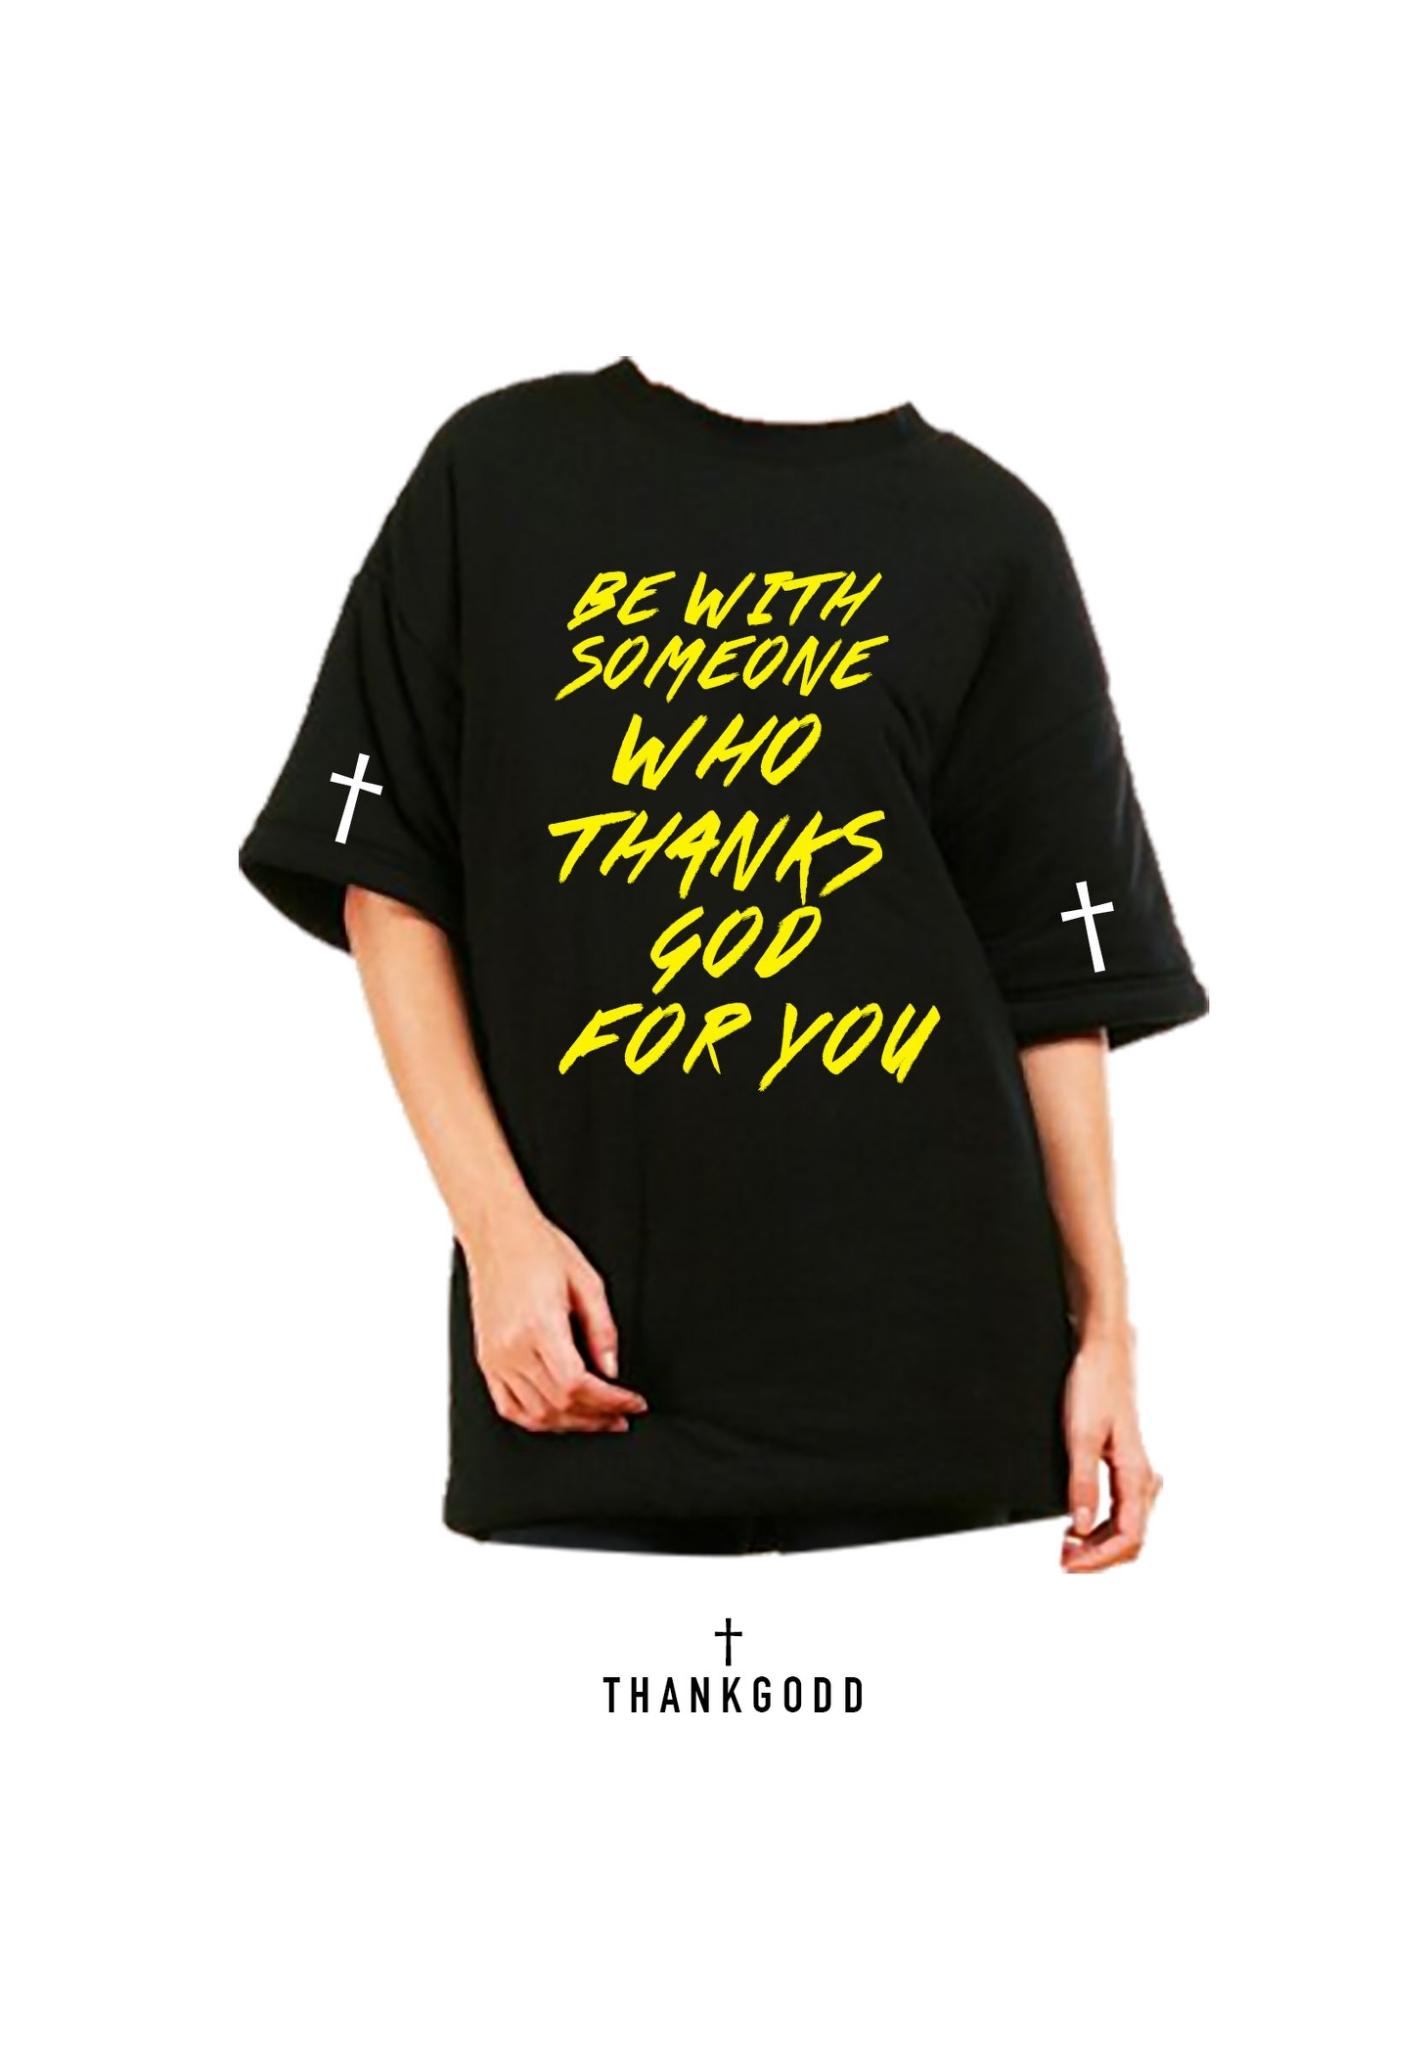 เสื้อยืดคอกลม THANKGODD BLACK T-SHIRT : 450 THB - THANKGODD -